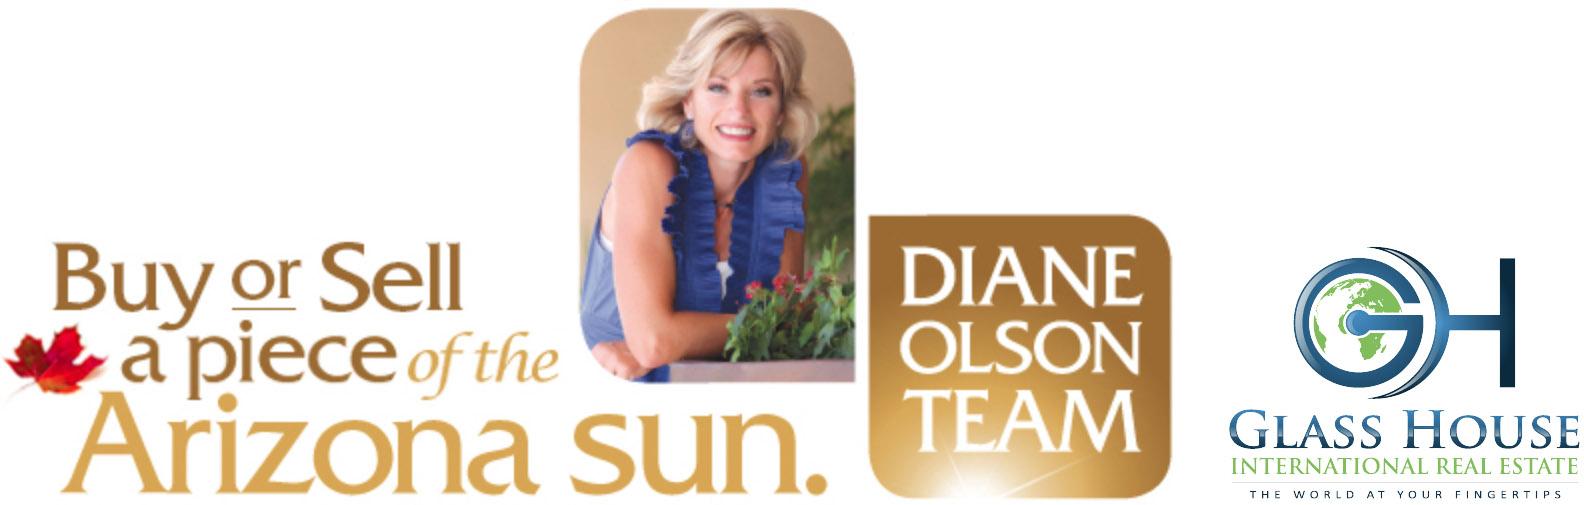 Diane Olson